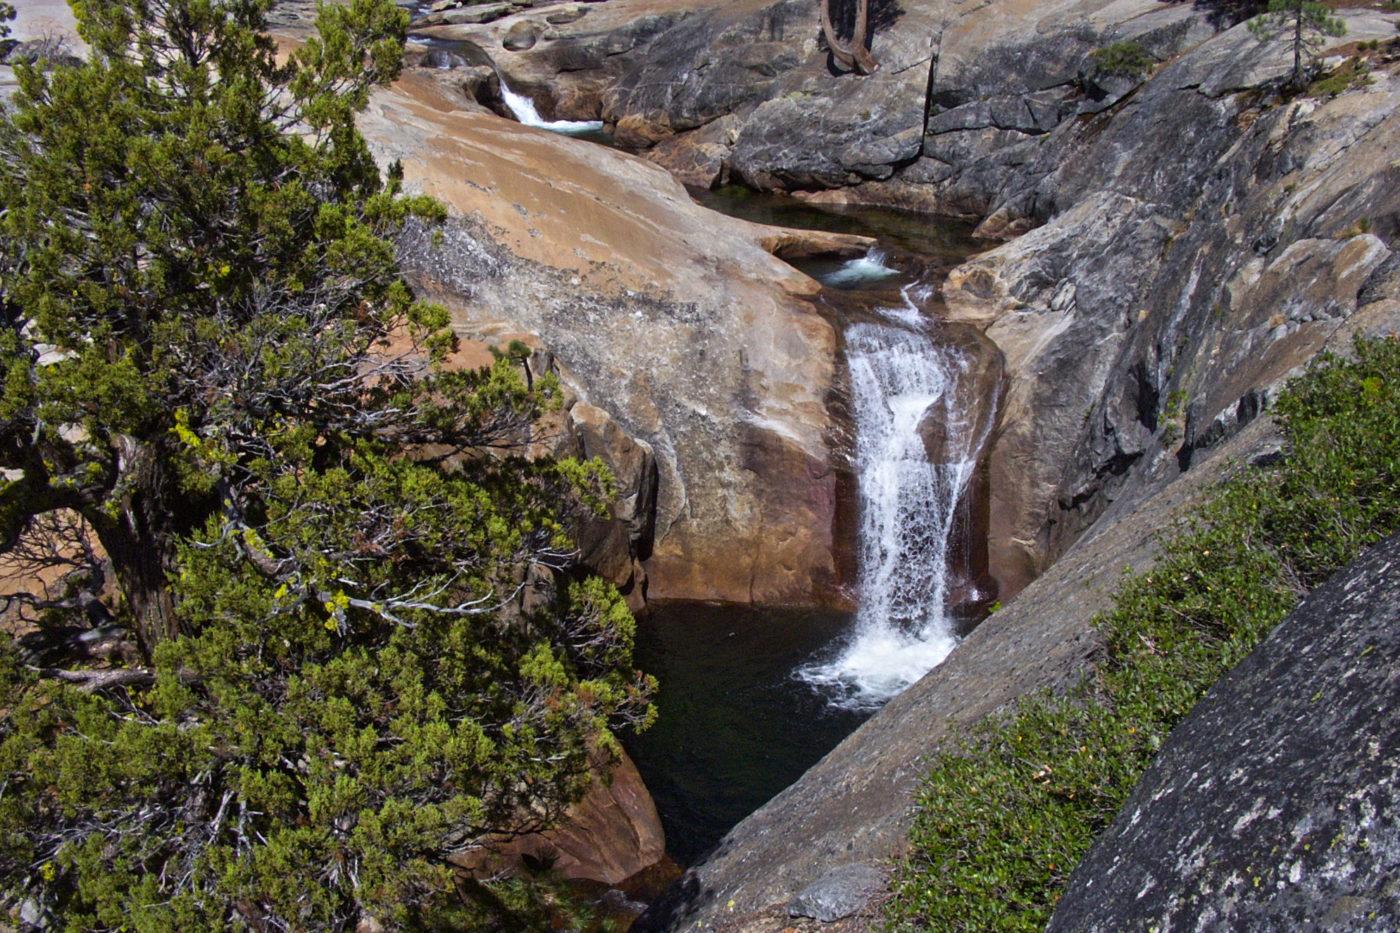 Cascata Fiume Granito Trekking Yosemite California